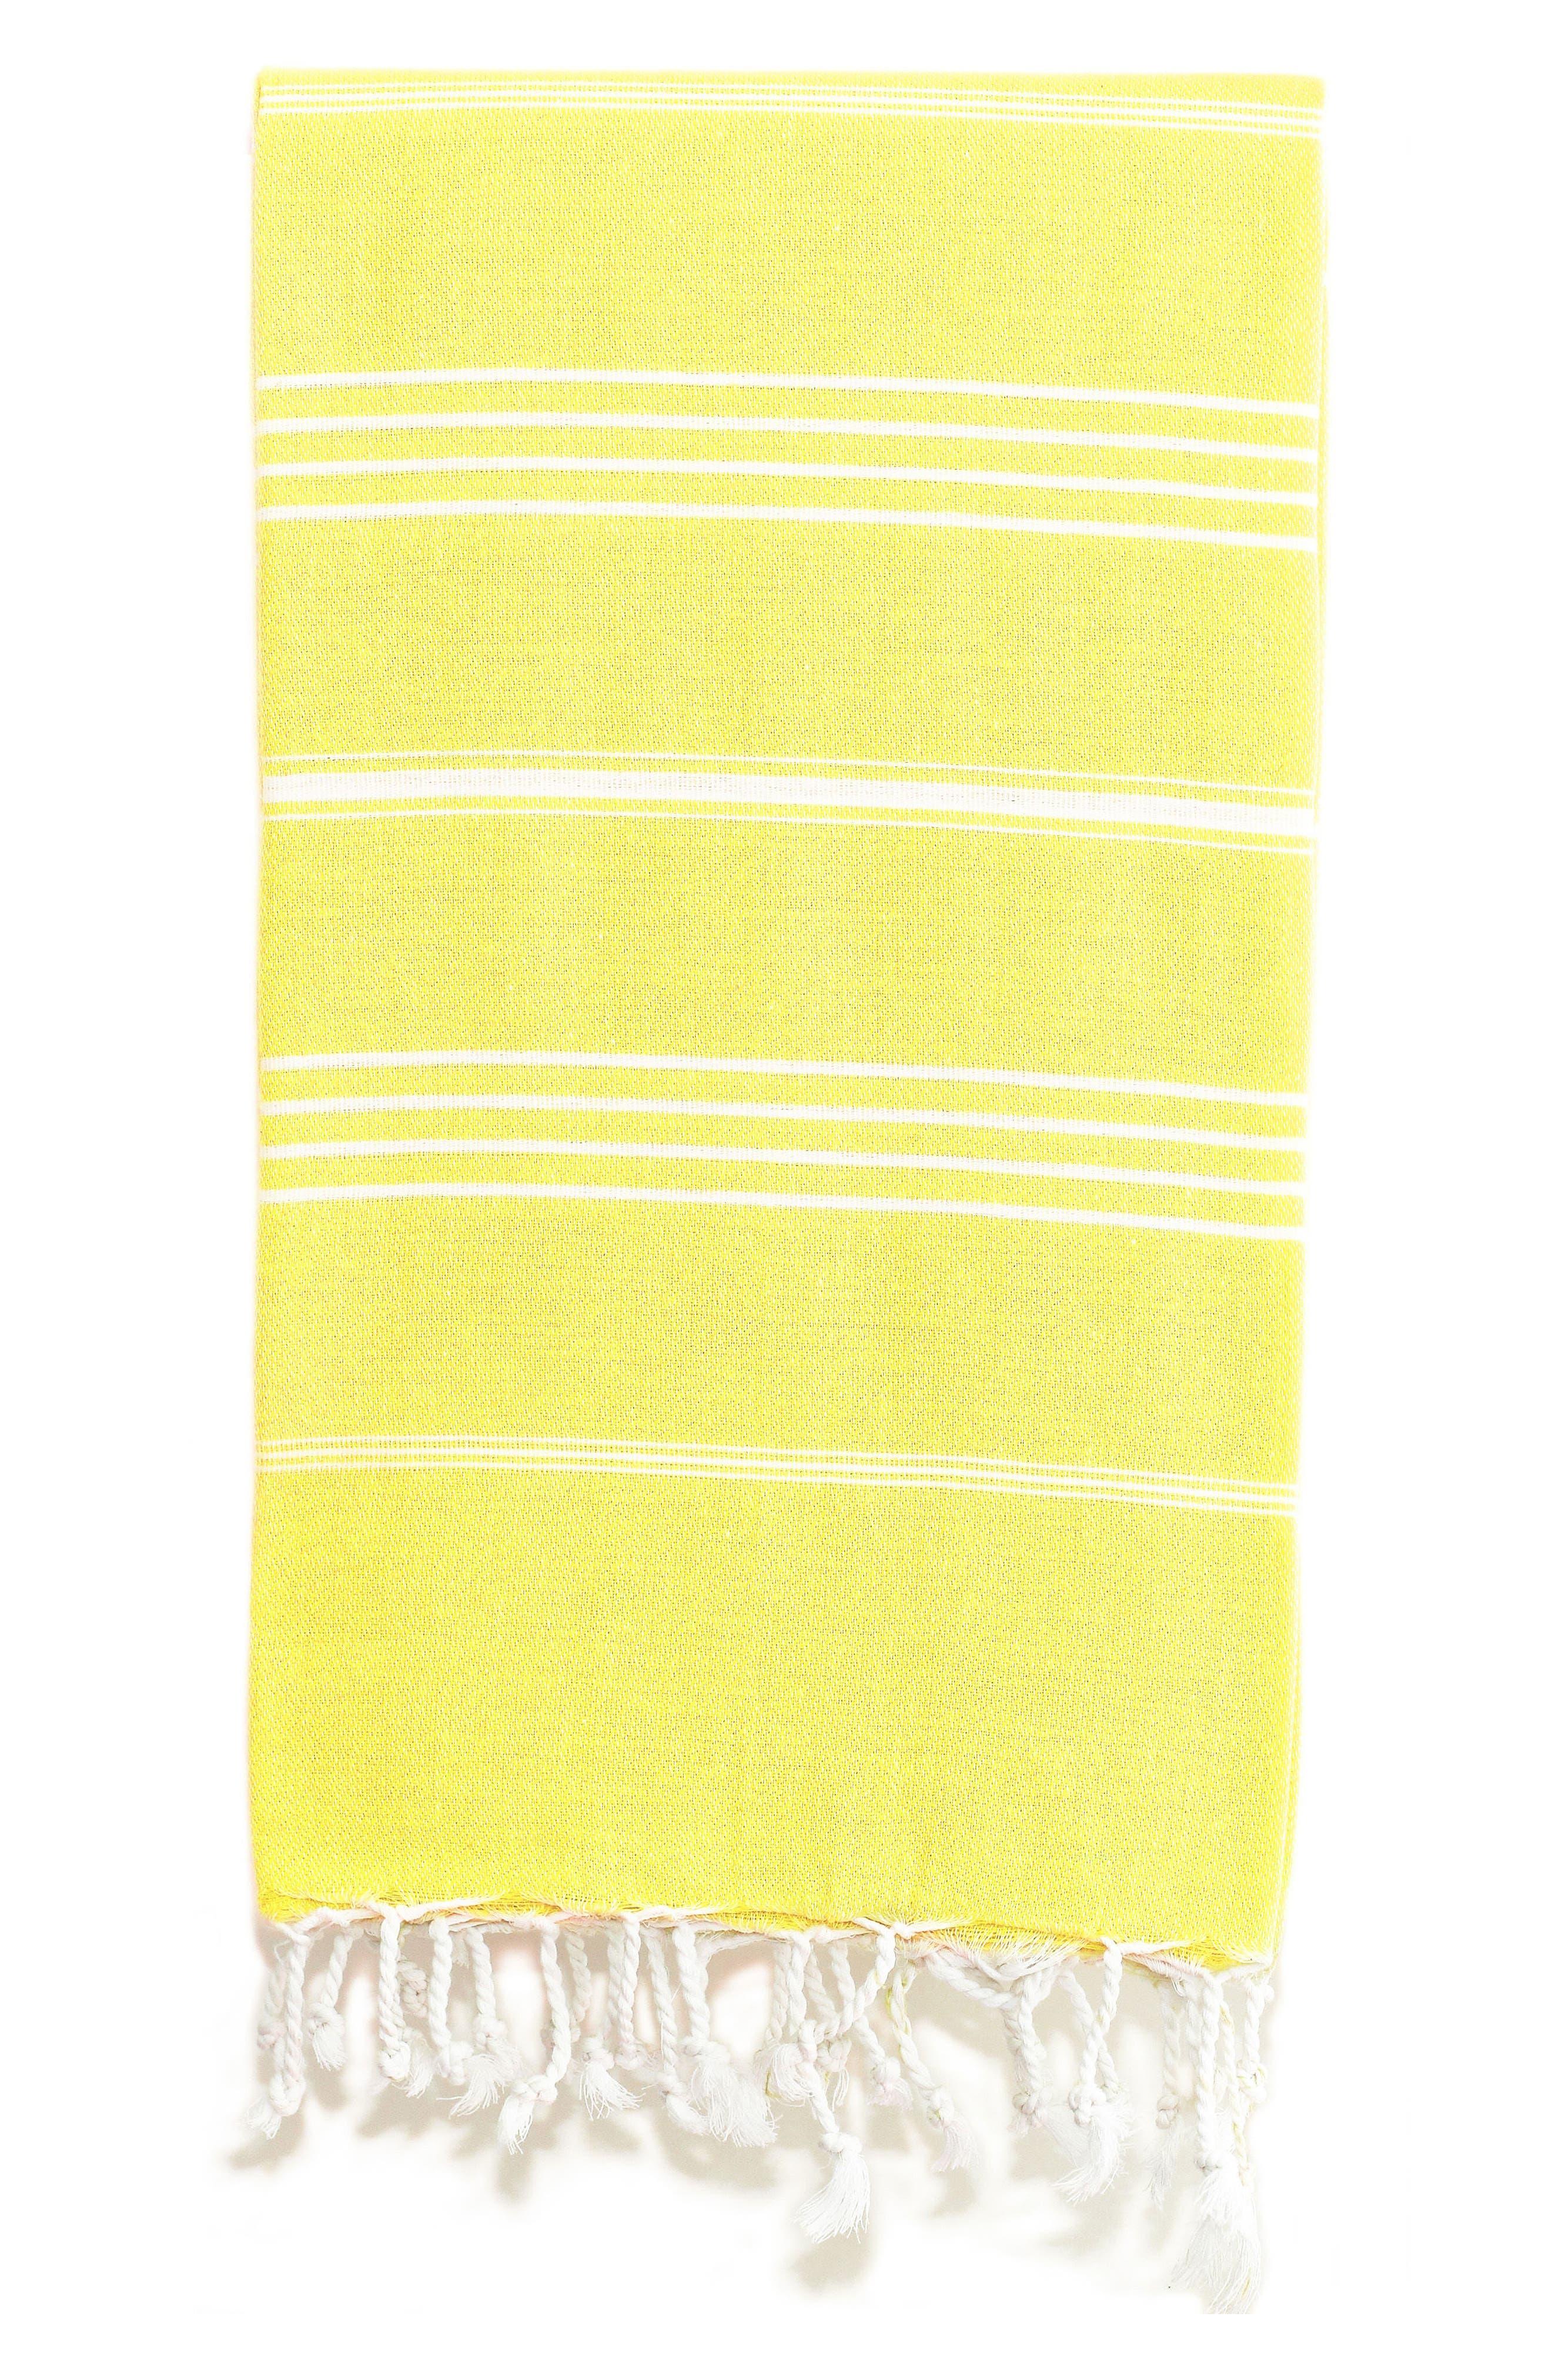 Main Image - Linum Home Textiles 'Lucky' Turkish Pestemal Towel